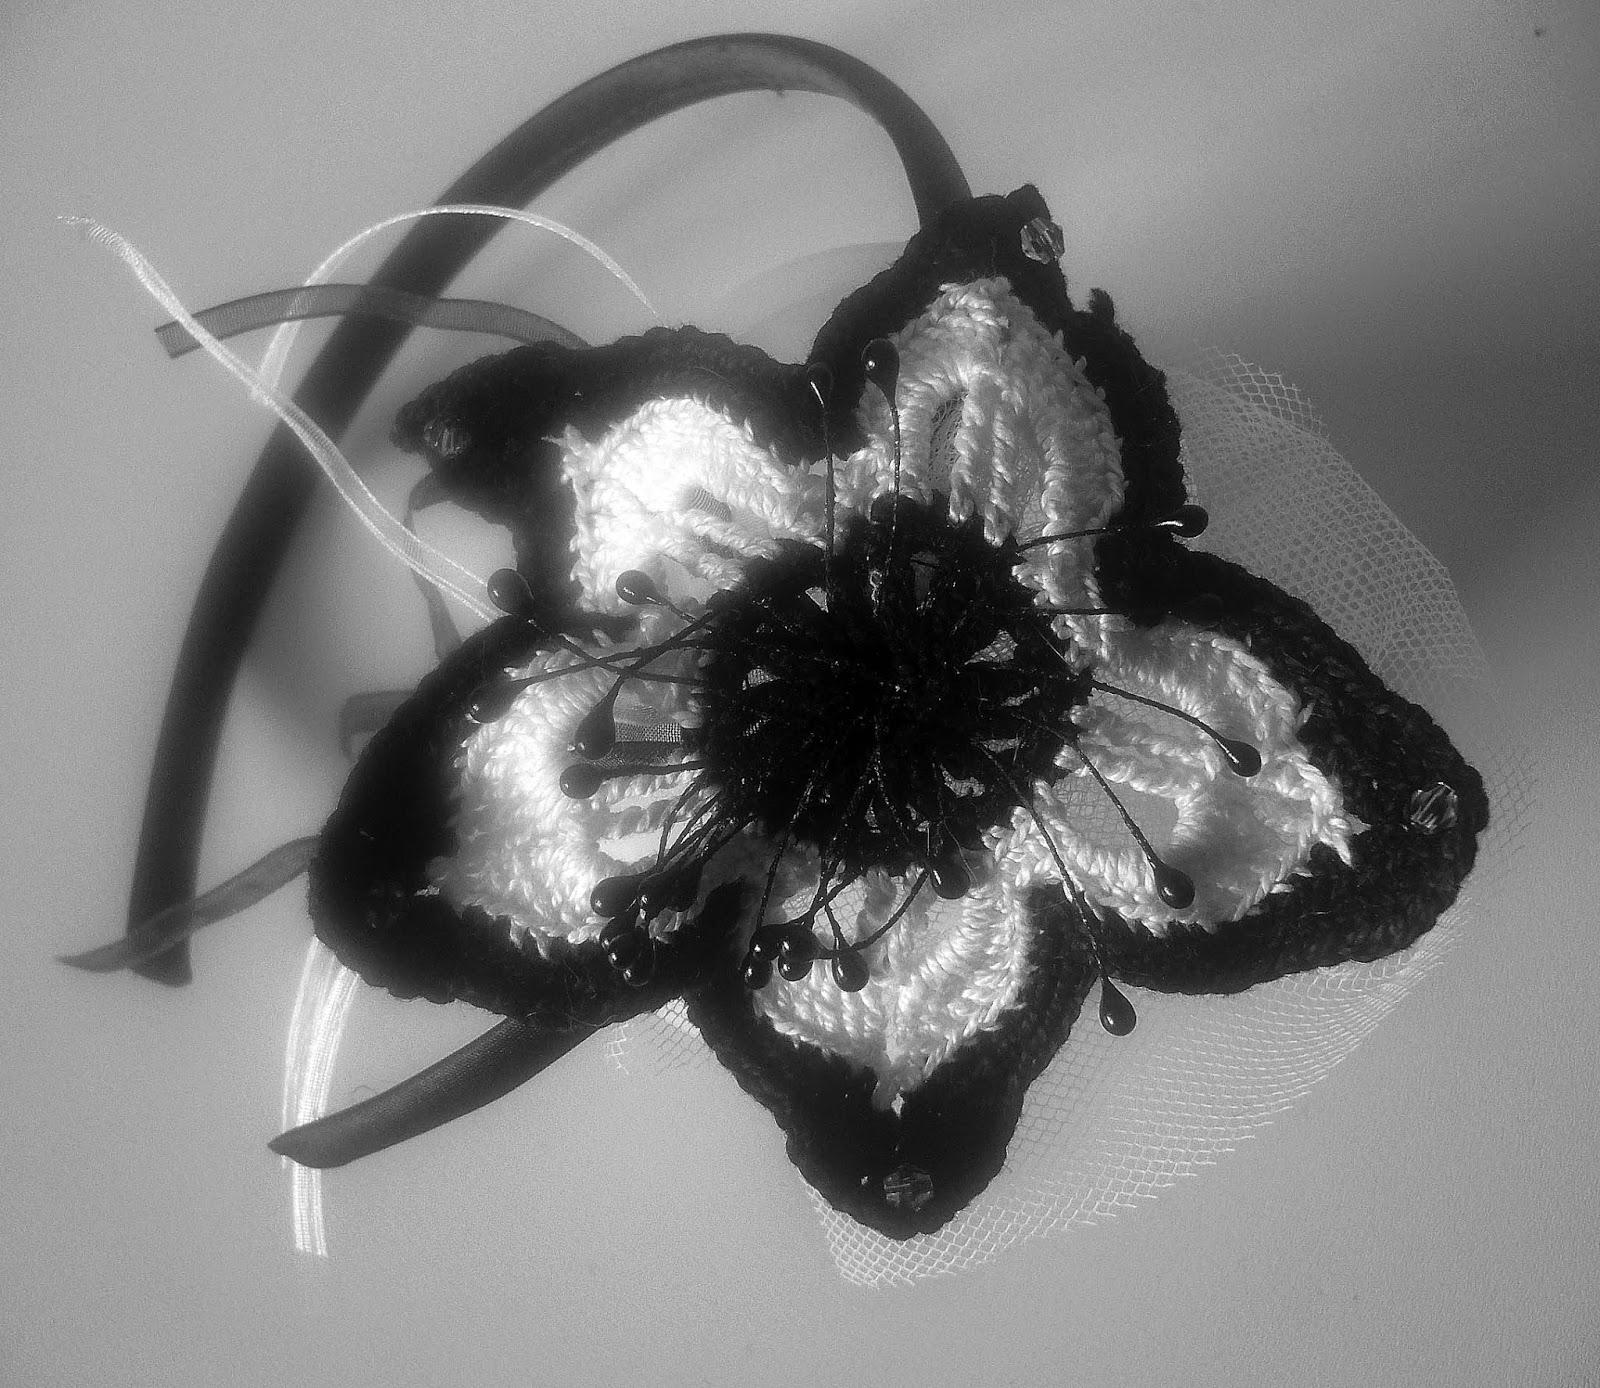 diadema con flor de crochet en blanco y negro